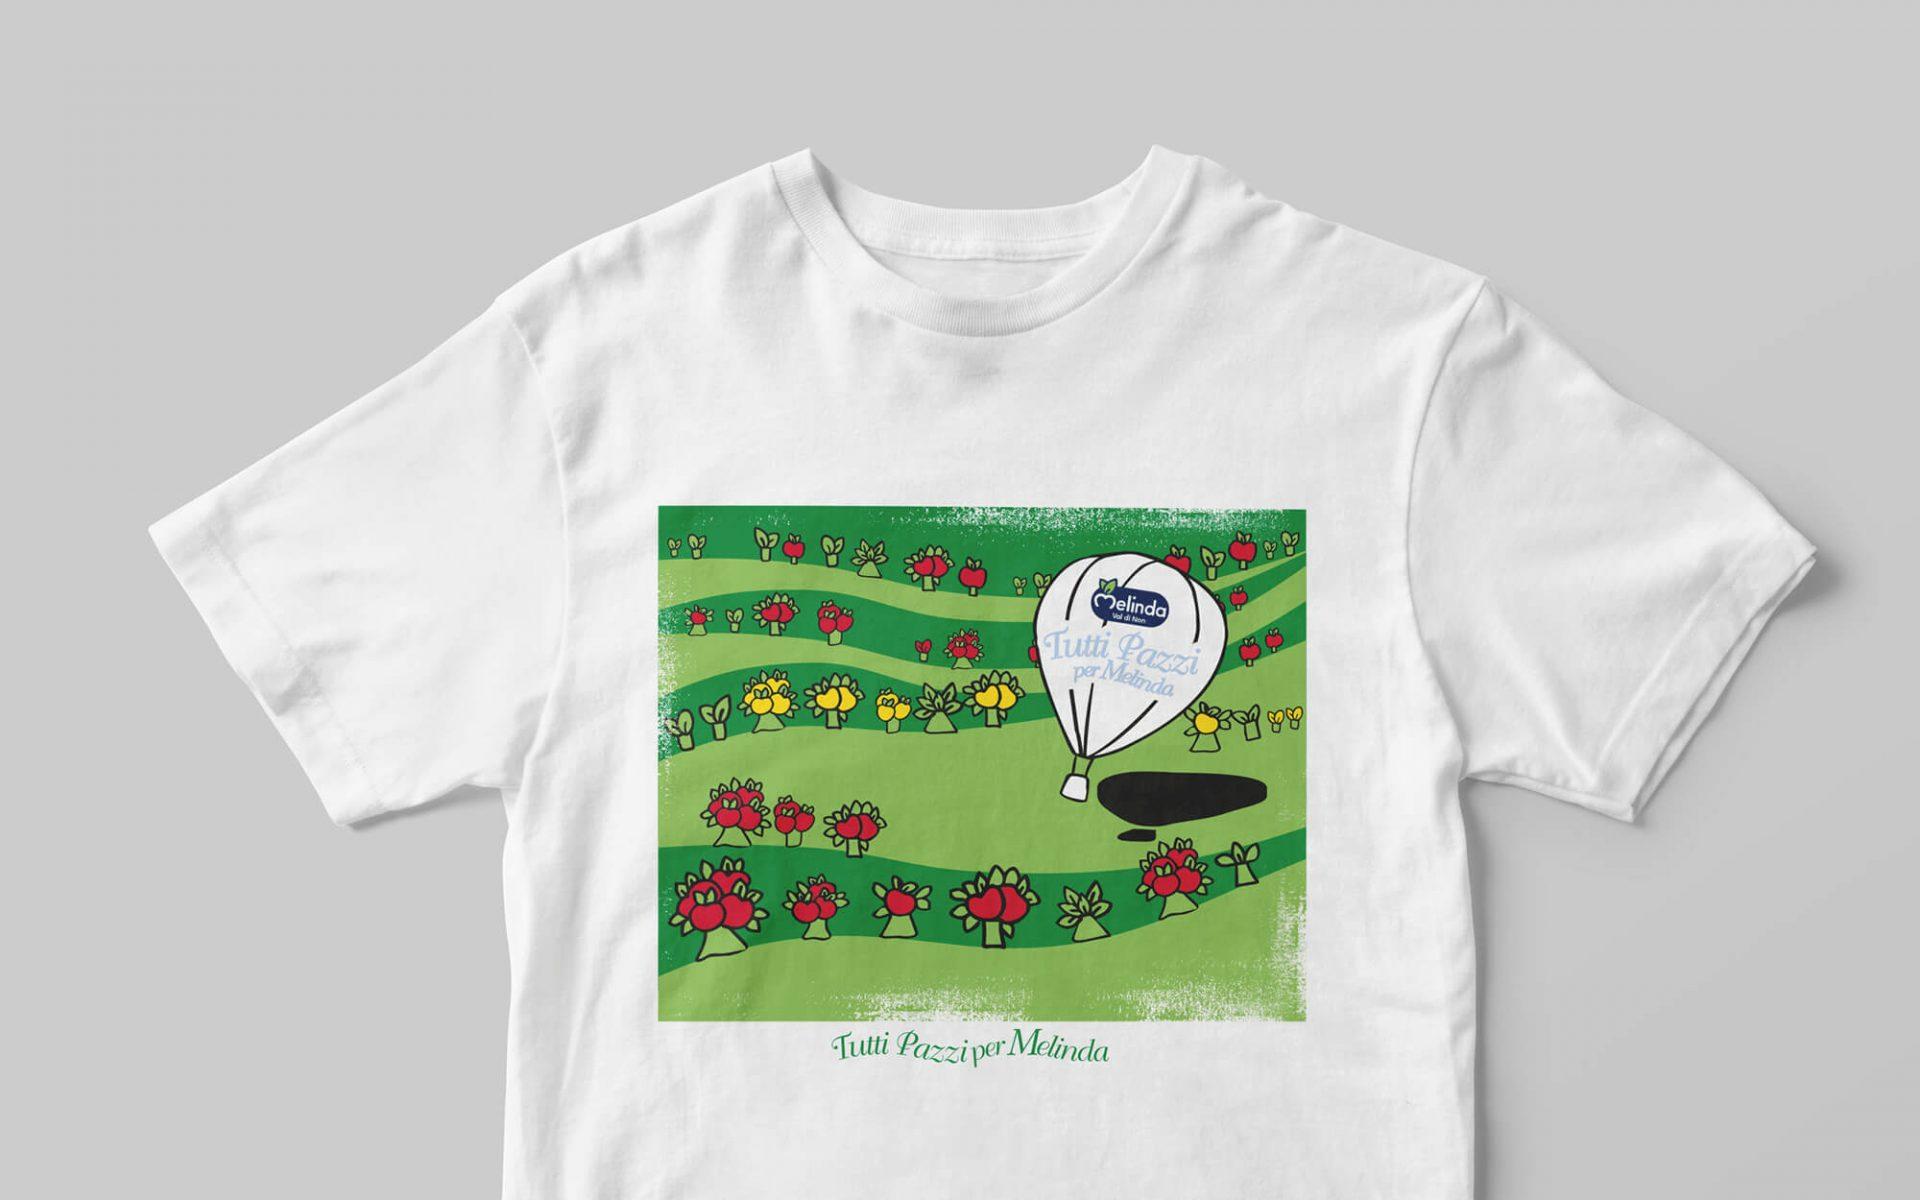 illustrazione t-shirt creata per mondo melinda, progetto grafico studio grafico diade agenzia di comunicazione arco trento